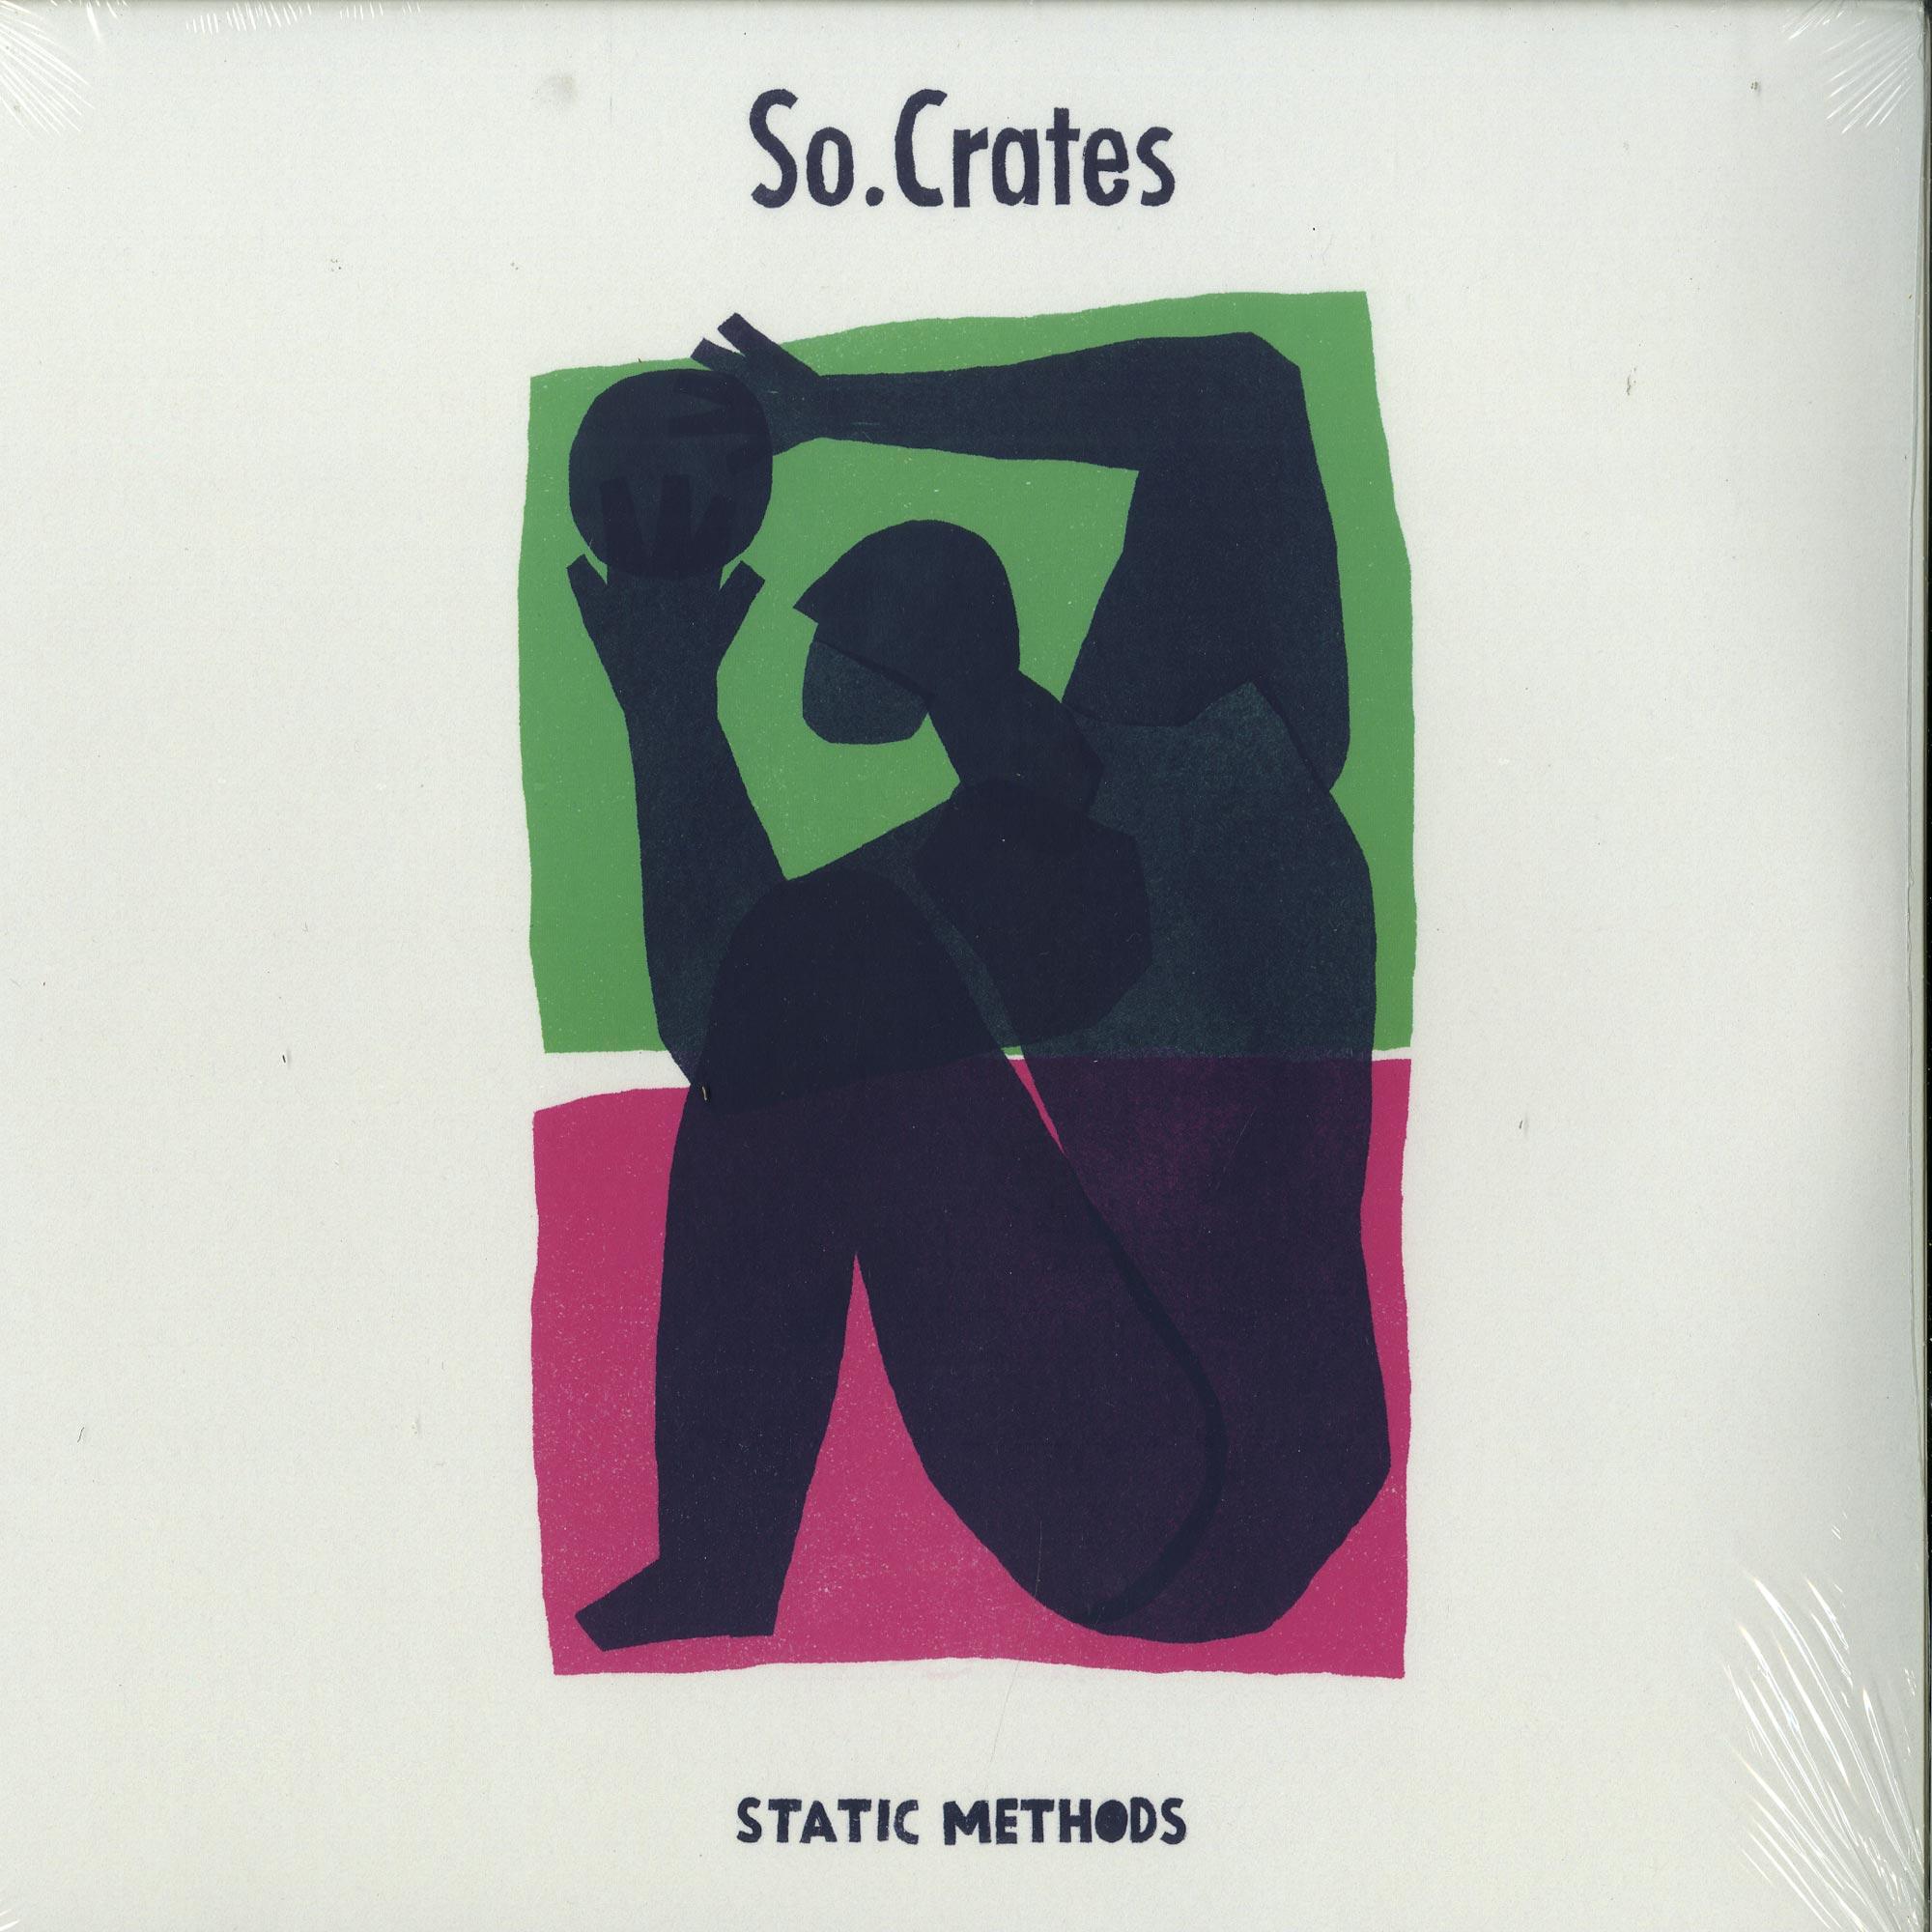 So.Crates - STATIC METHODS